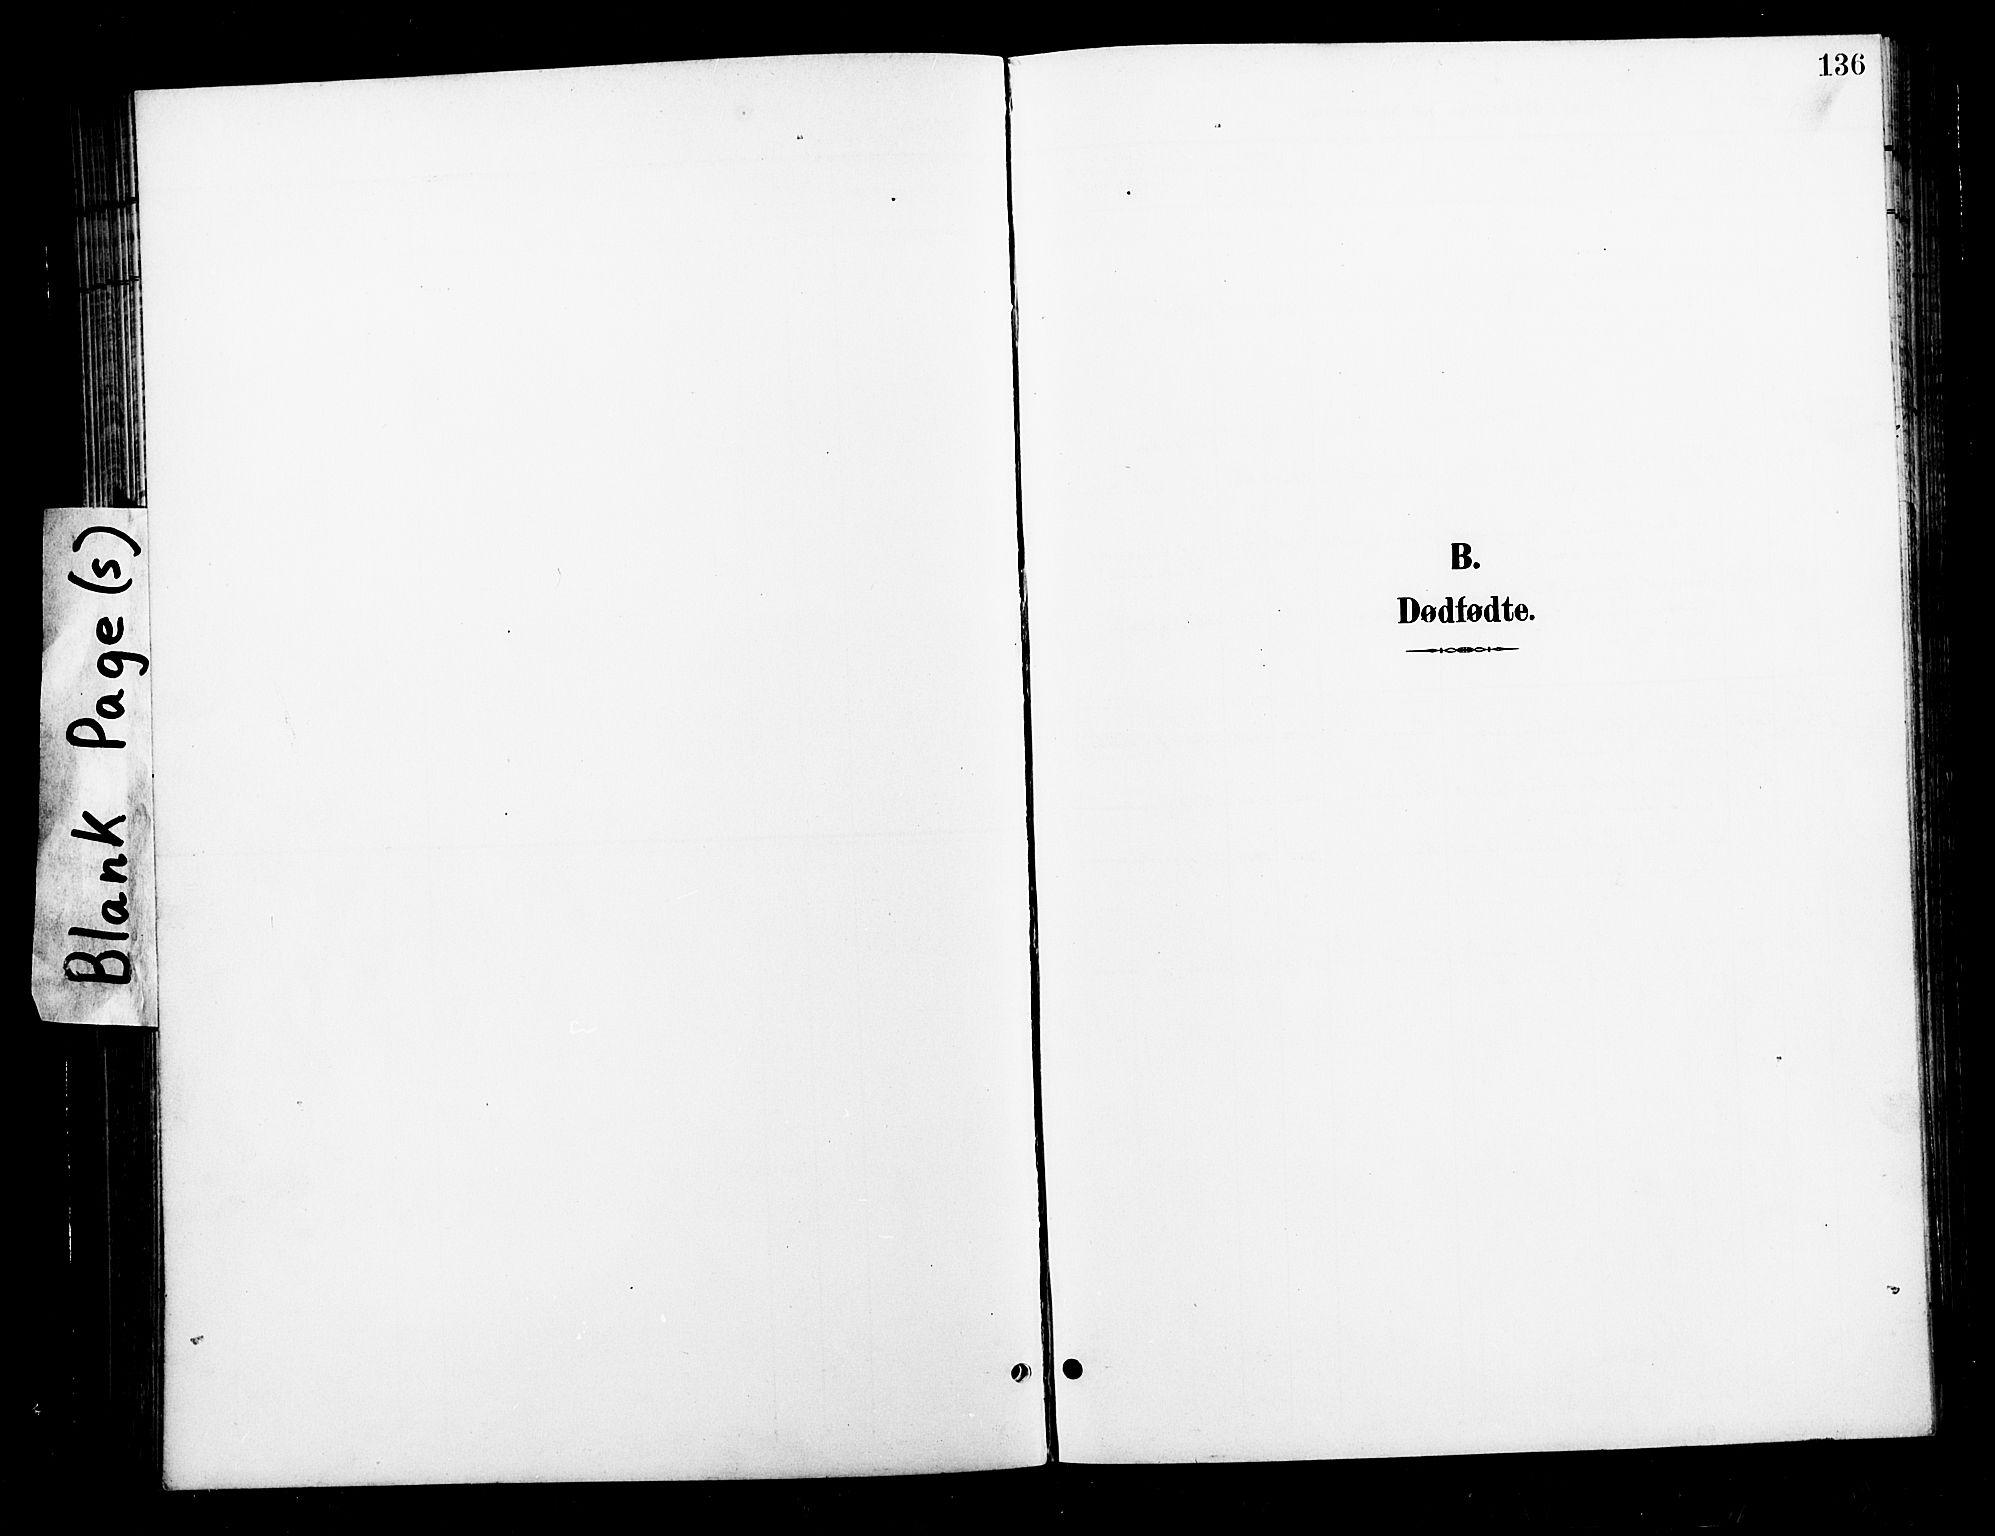 SAT, Ministerialprotokoller, klokkerbøker og fødselsregistre - Nord-Trøndelag, 730/L0302: Klokkerbok nr. 730C05, 1898-1924, s. 136